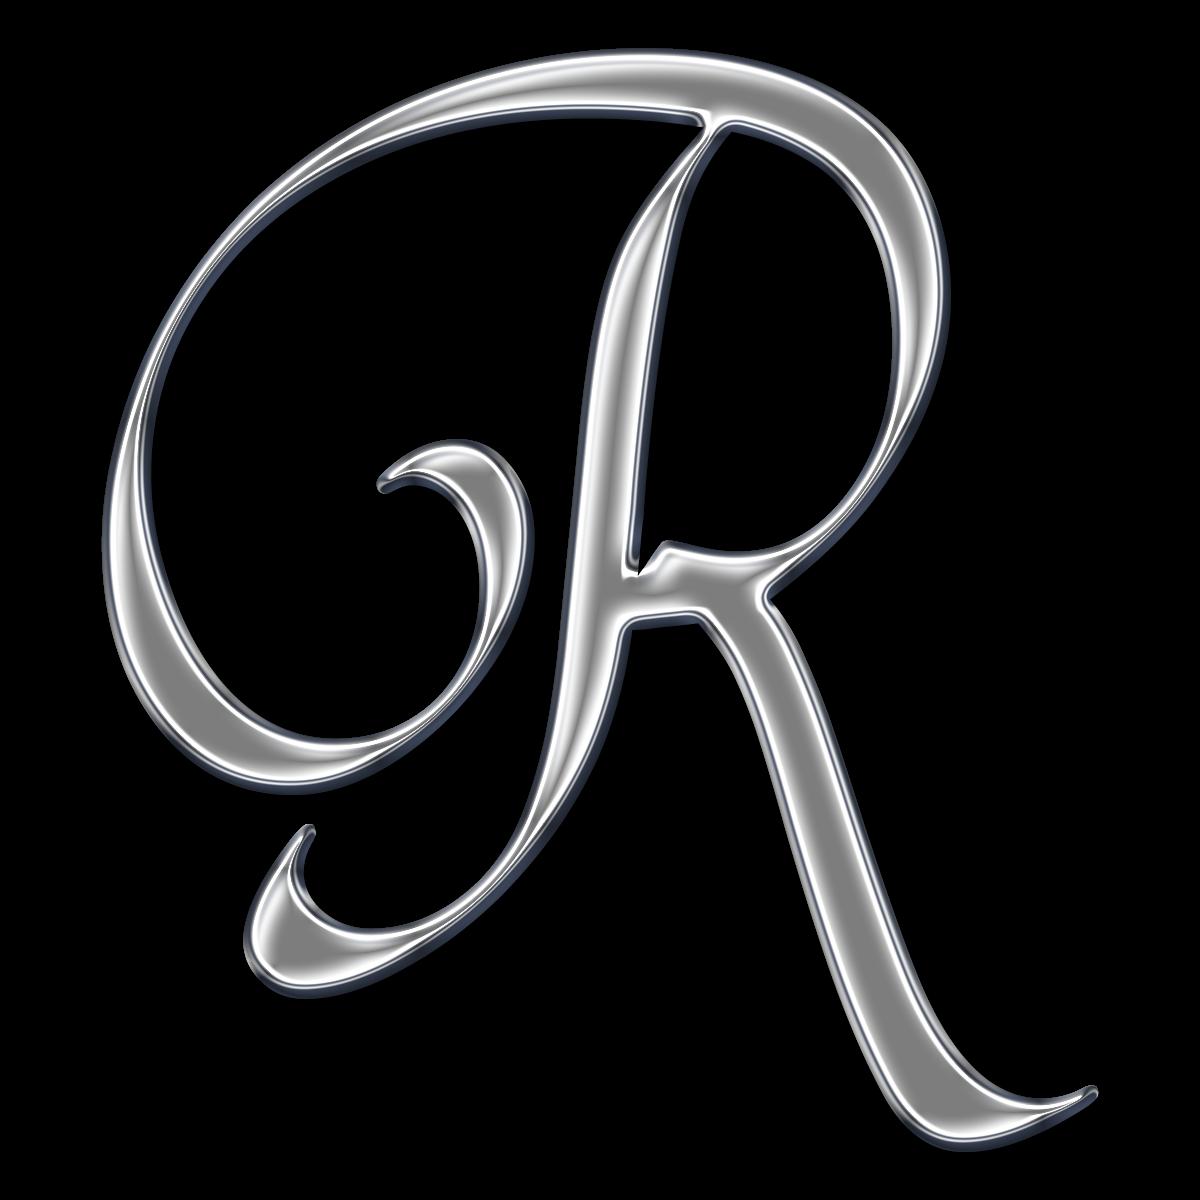 R Name Full Hd Wallpaper - impremedia.net